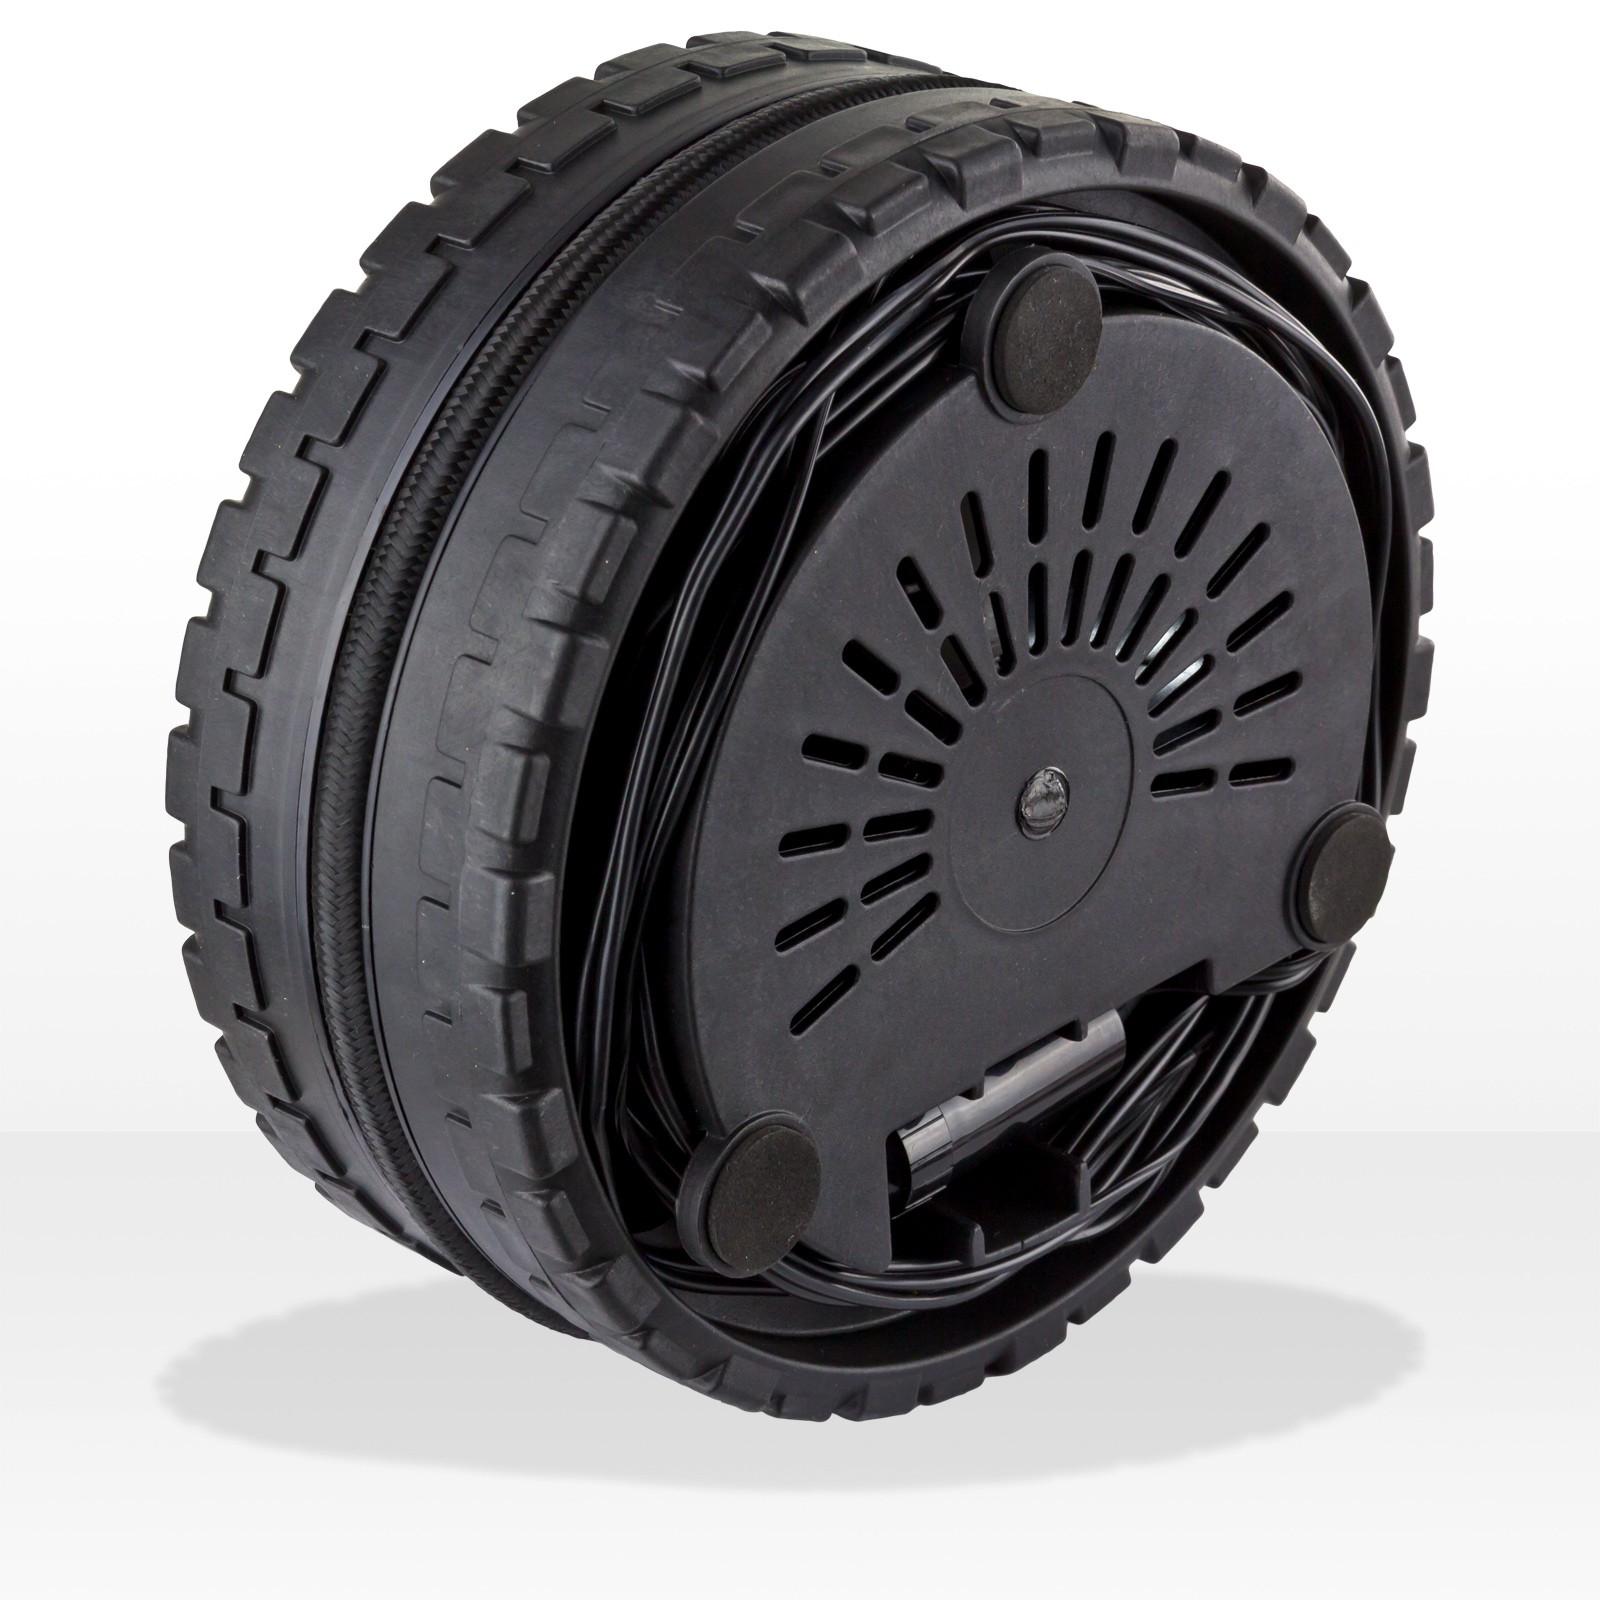 mini druckluft dl kompressor dk20 12v 100 w mit manometer. Black Bedroom Furniture Sets. Home Design Ideas